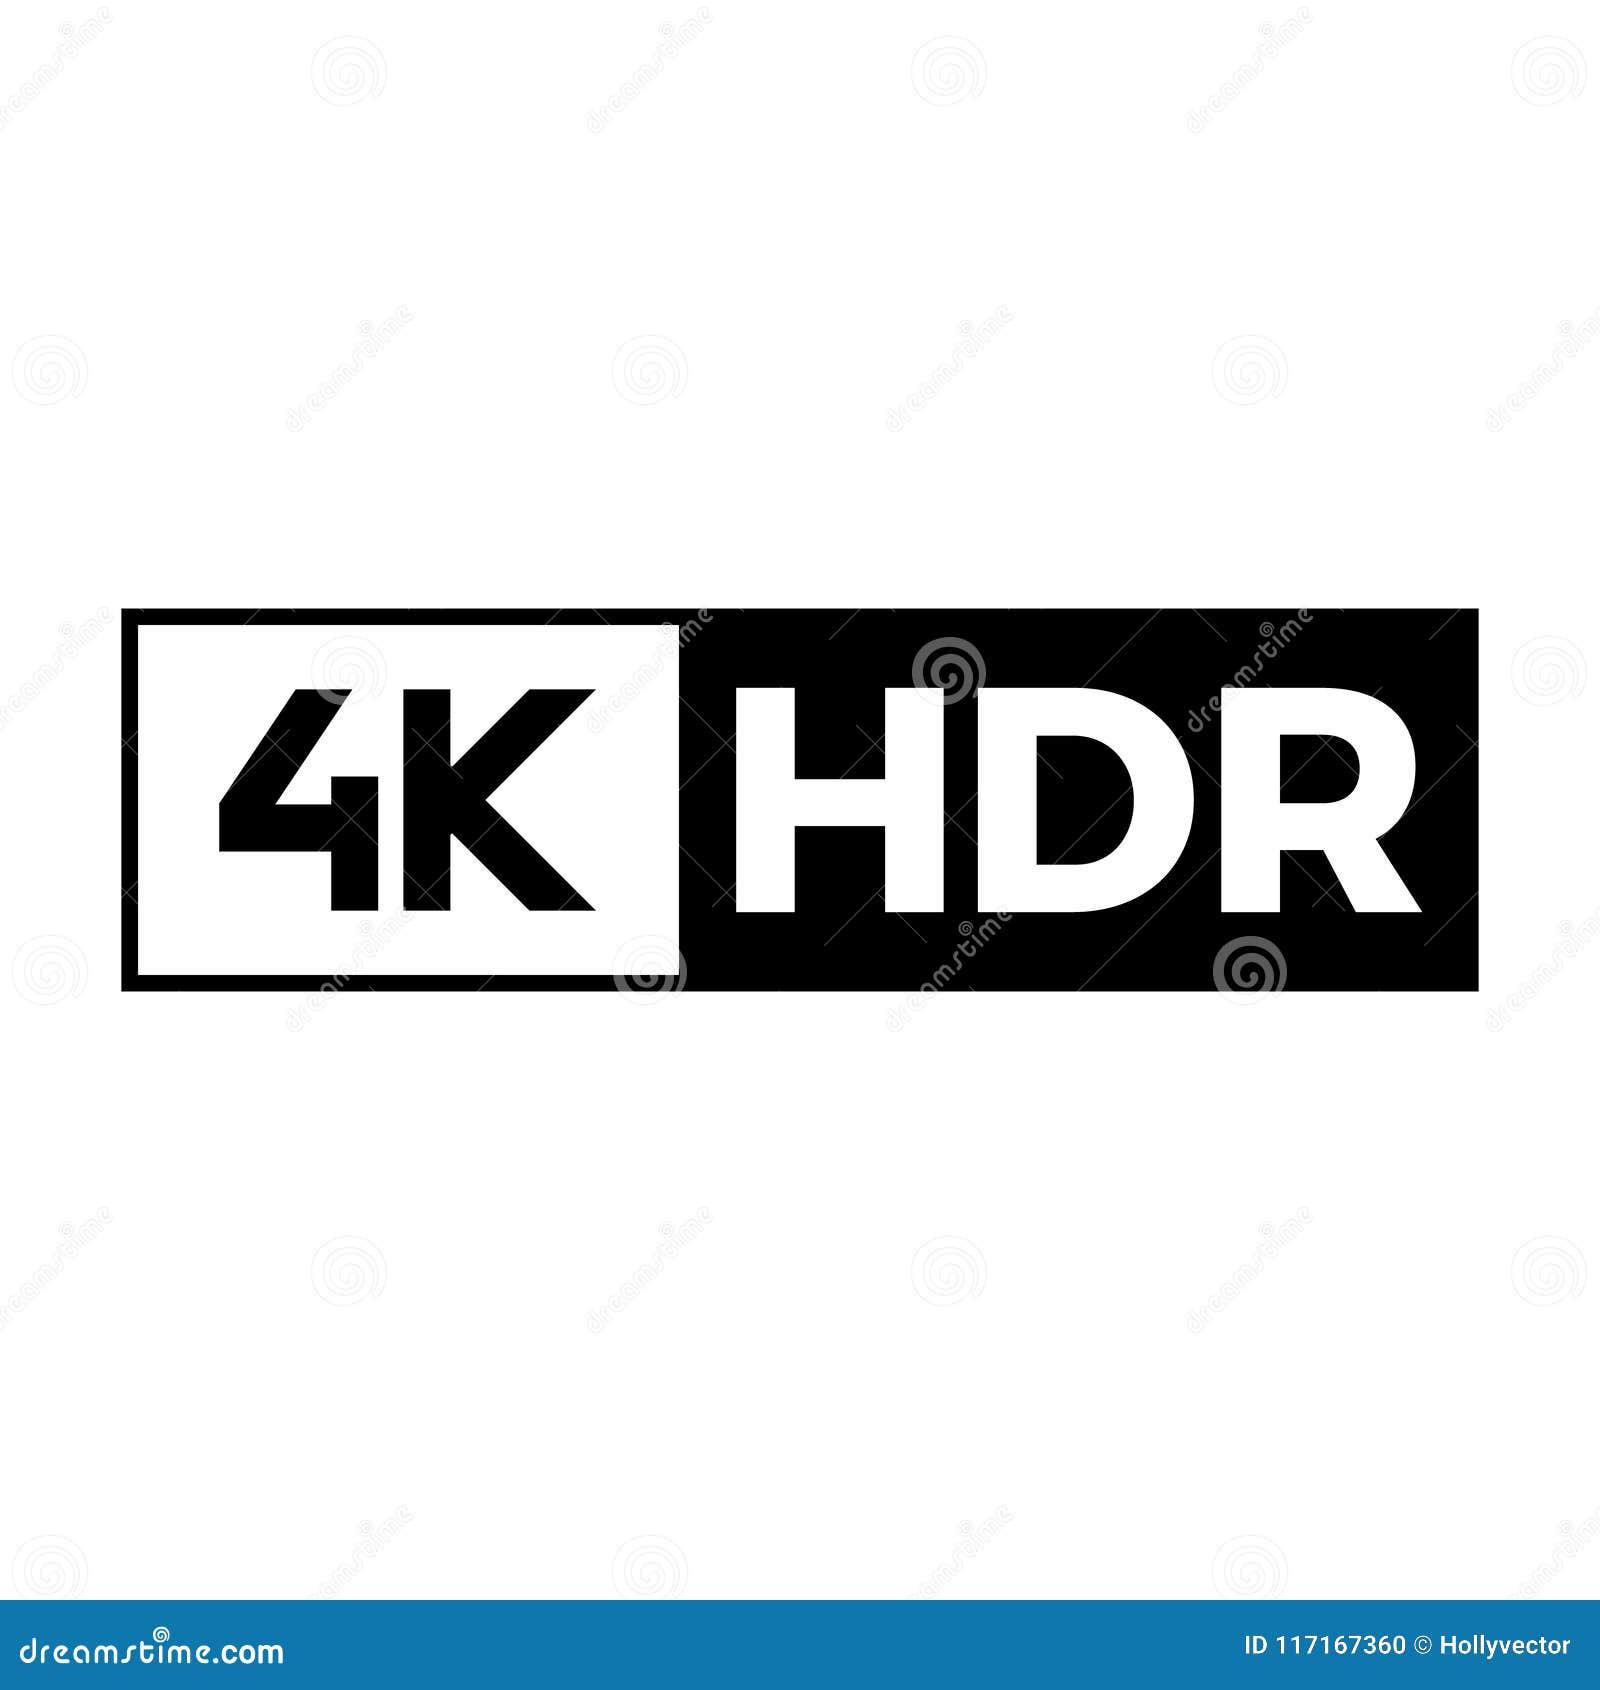 4k Ultra Hd Symbol